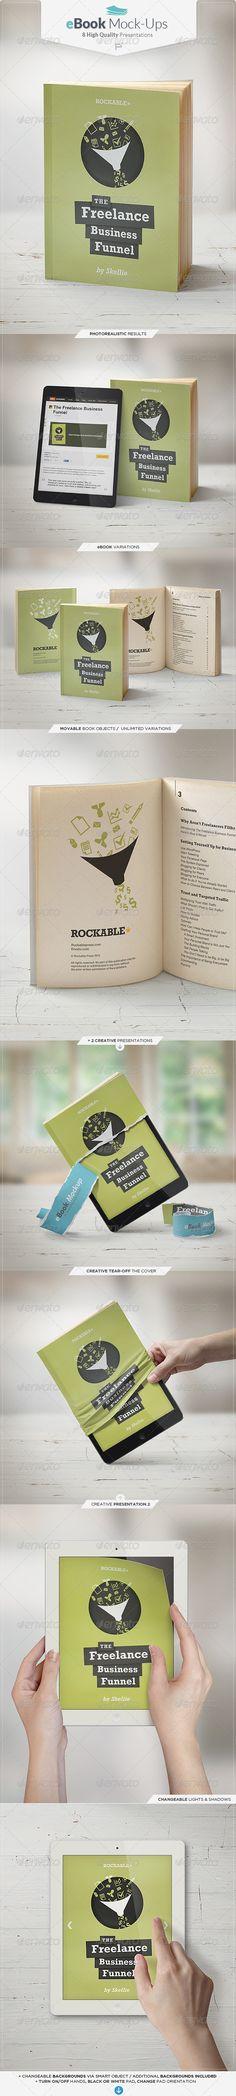 eBook Mock-Up Set #bookmockup #mockup Download: http://graphicriver.net/item/ebook-mockup-set/6578872?ref=ksioks